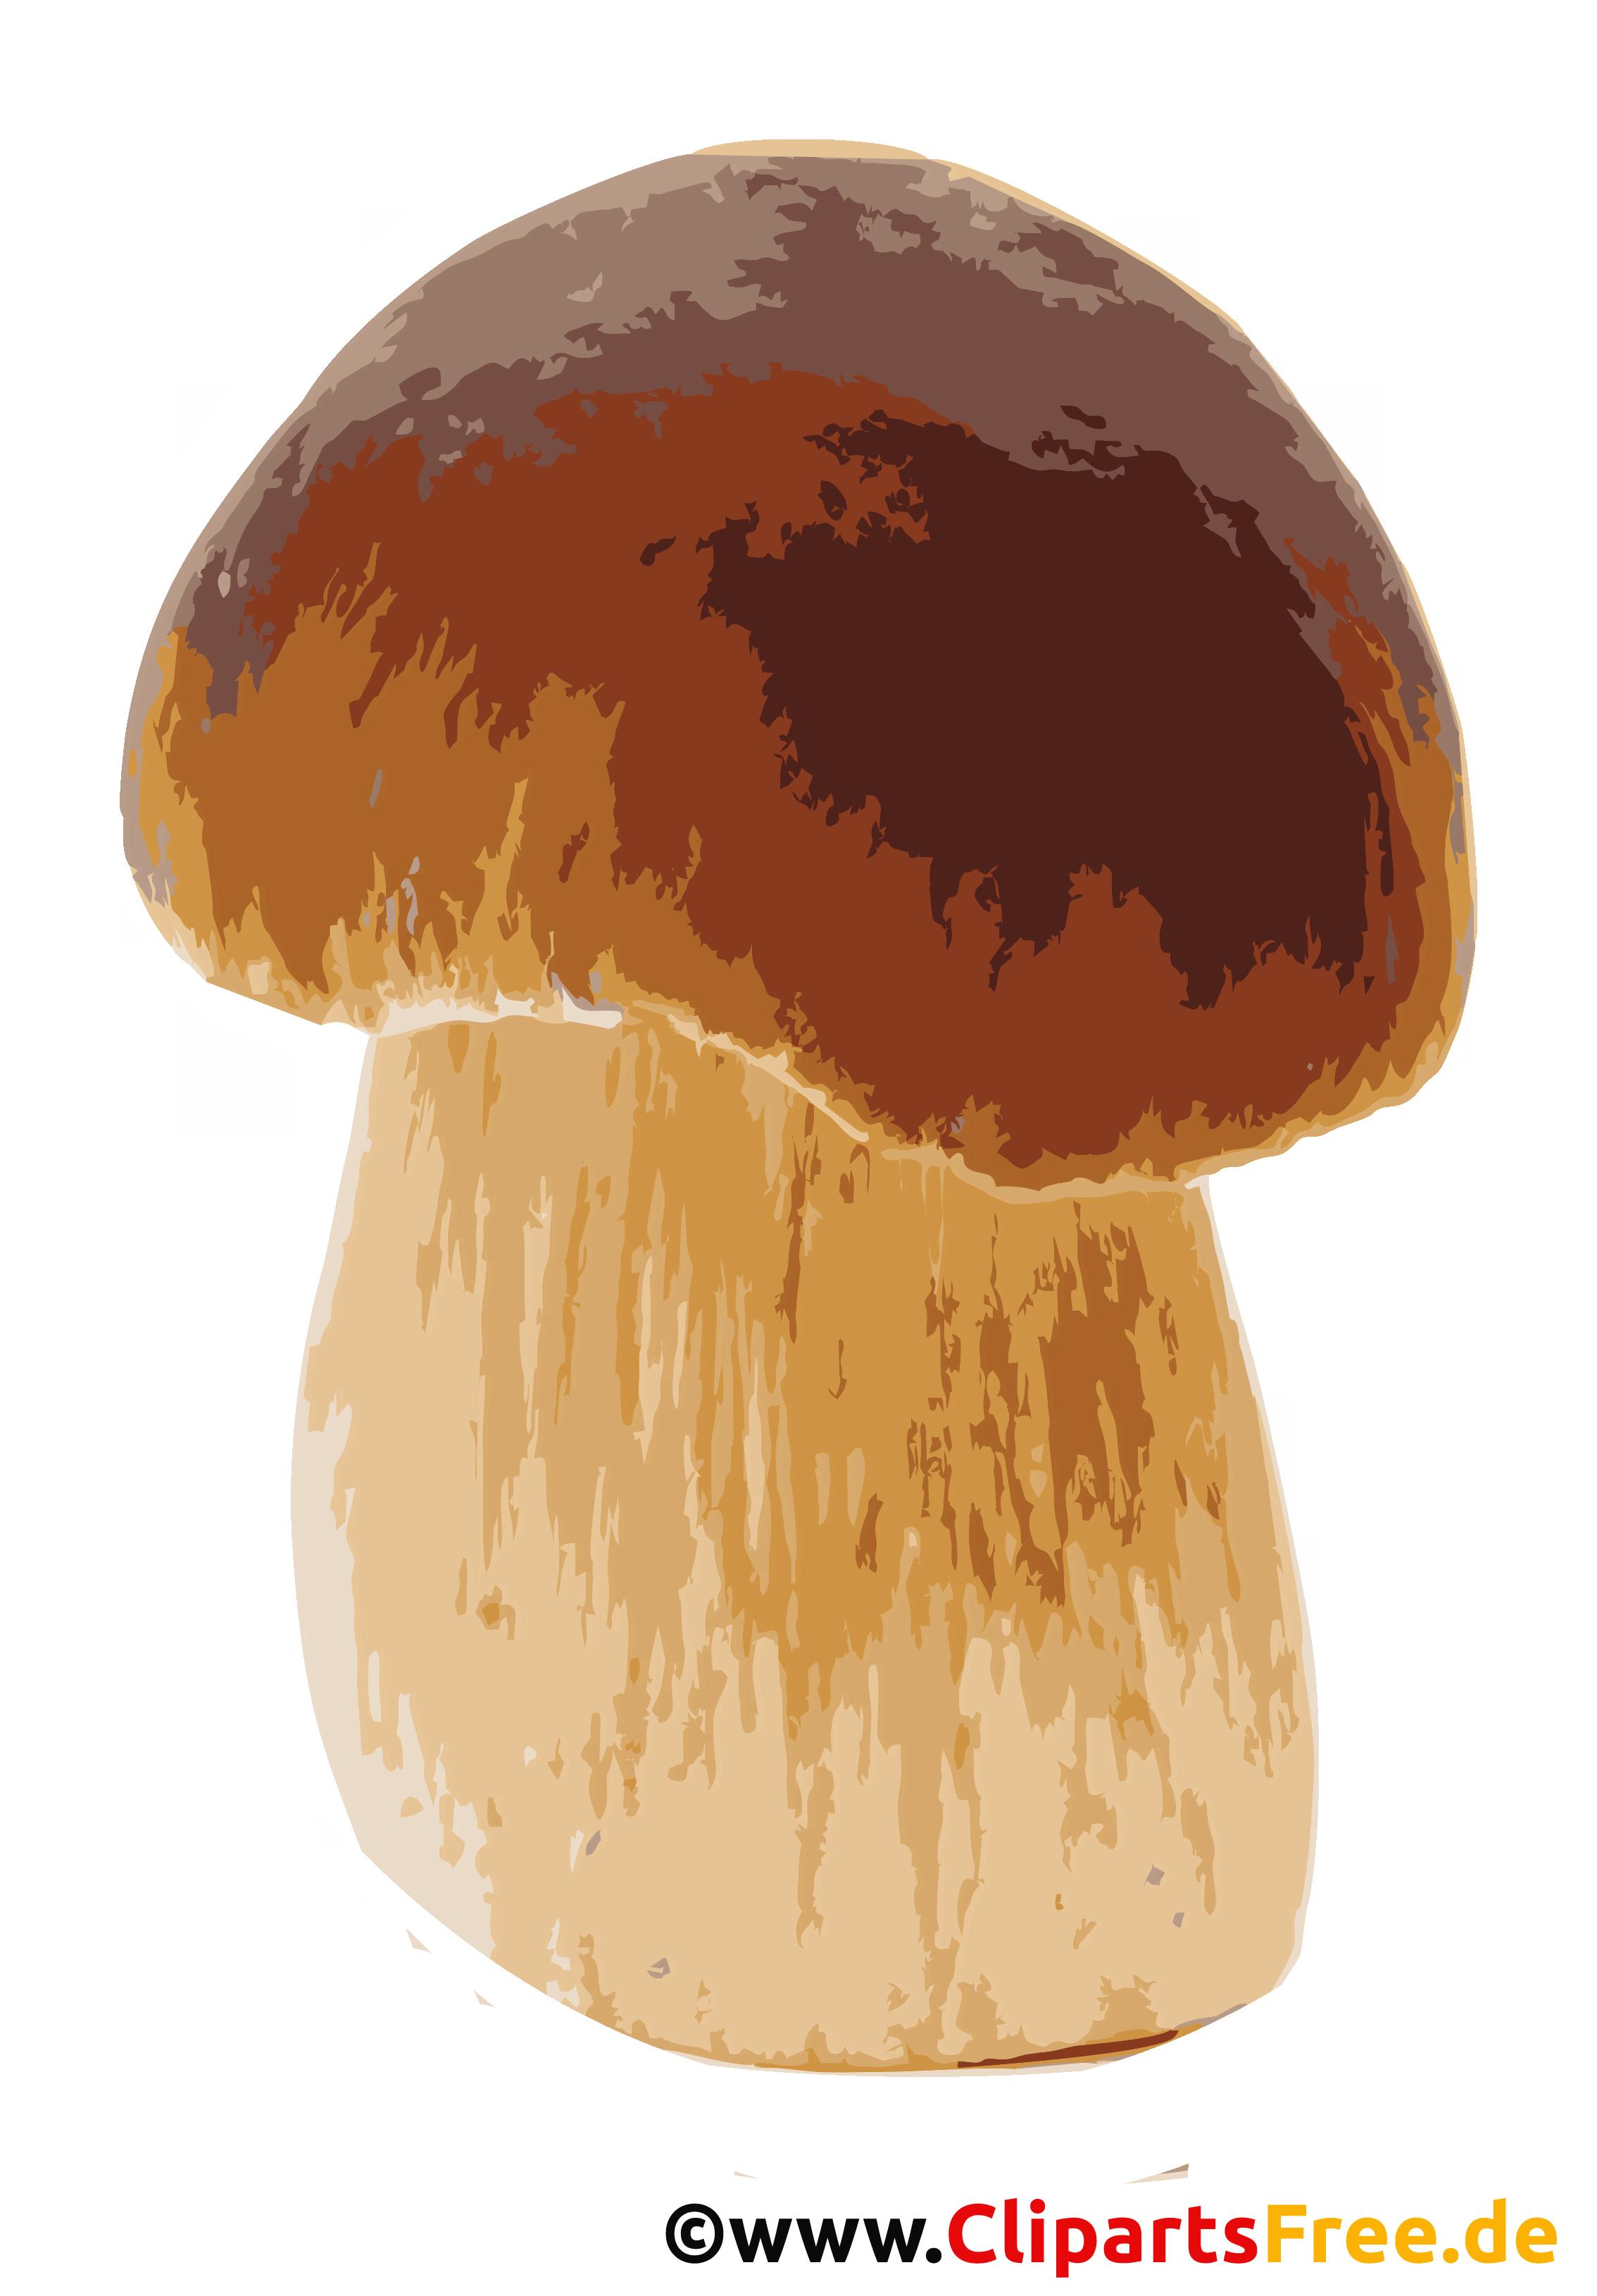 Kiefern- oder Rothütige Steinpilz Bild, Clipart, Illustration